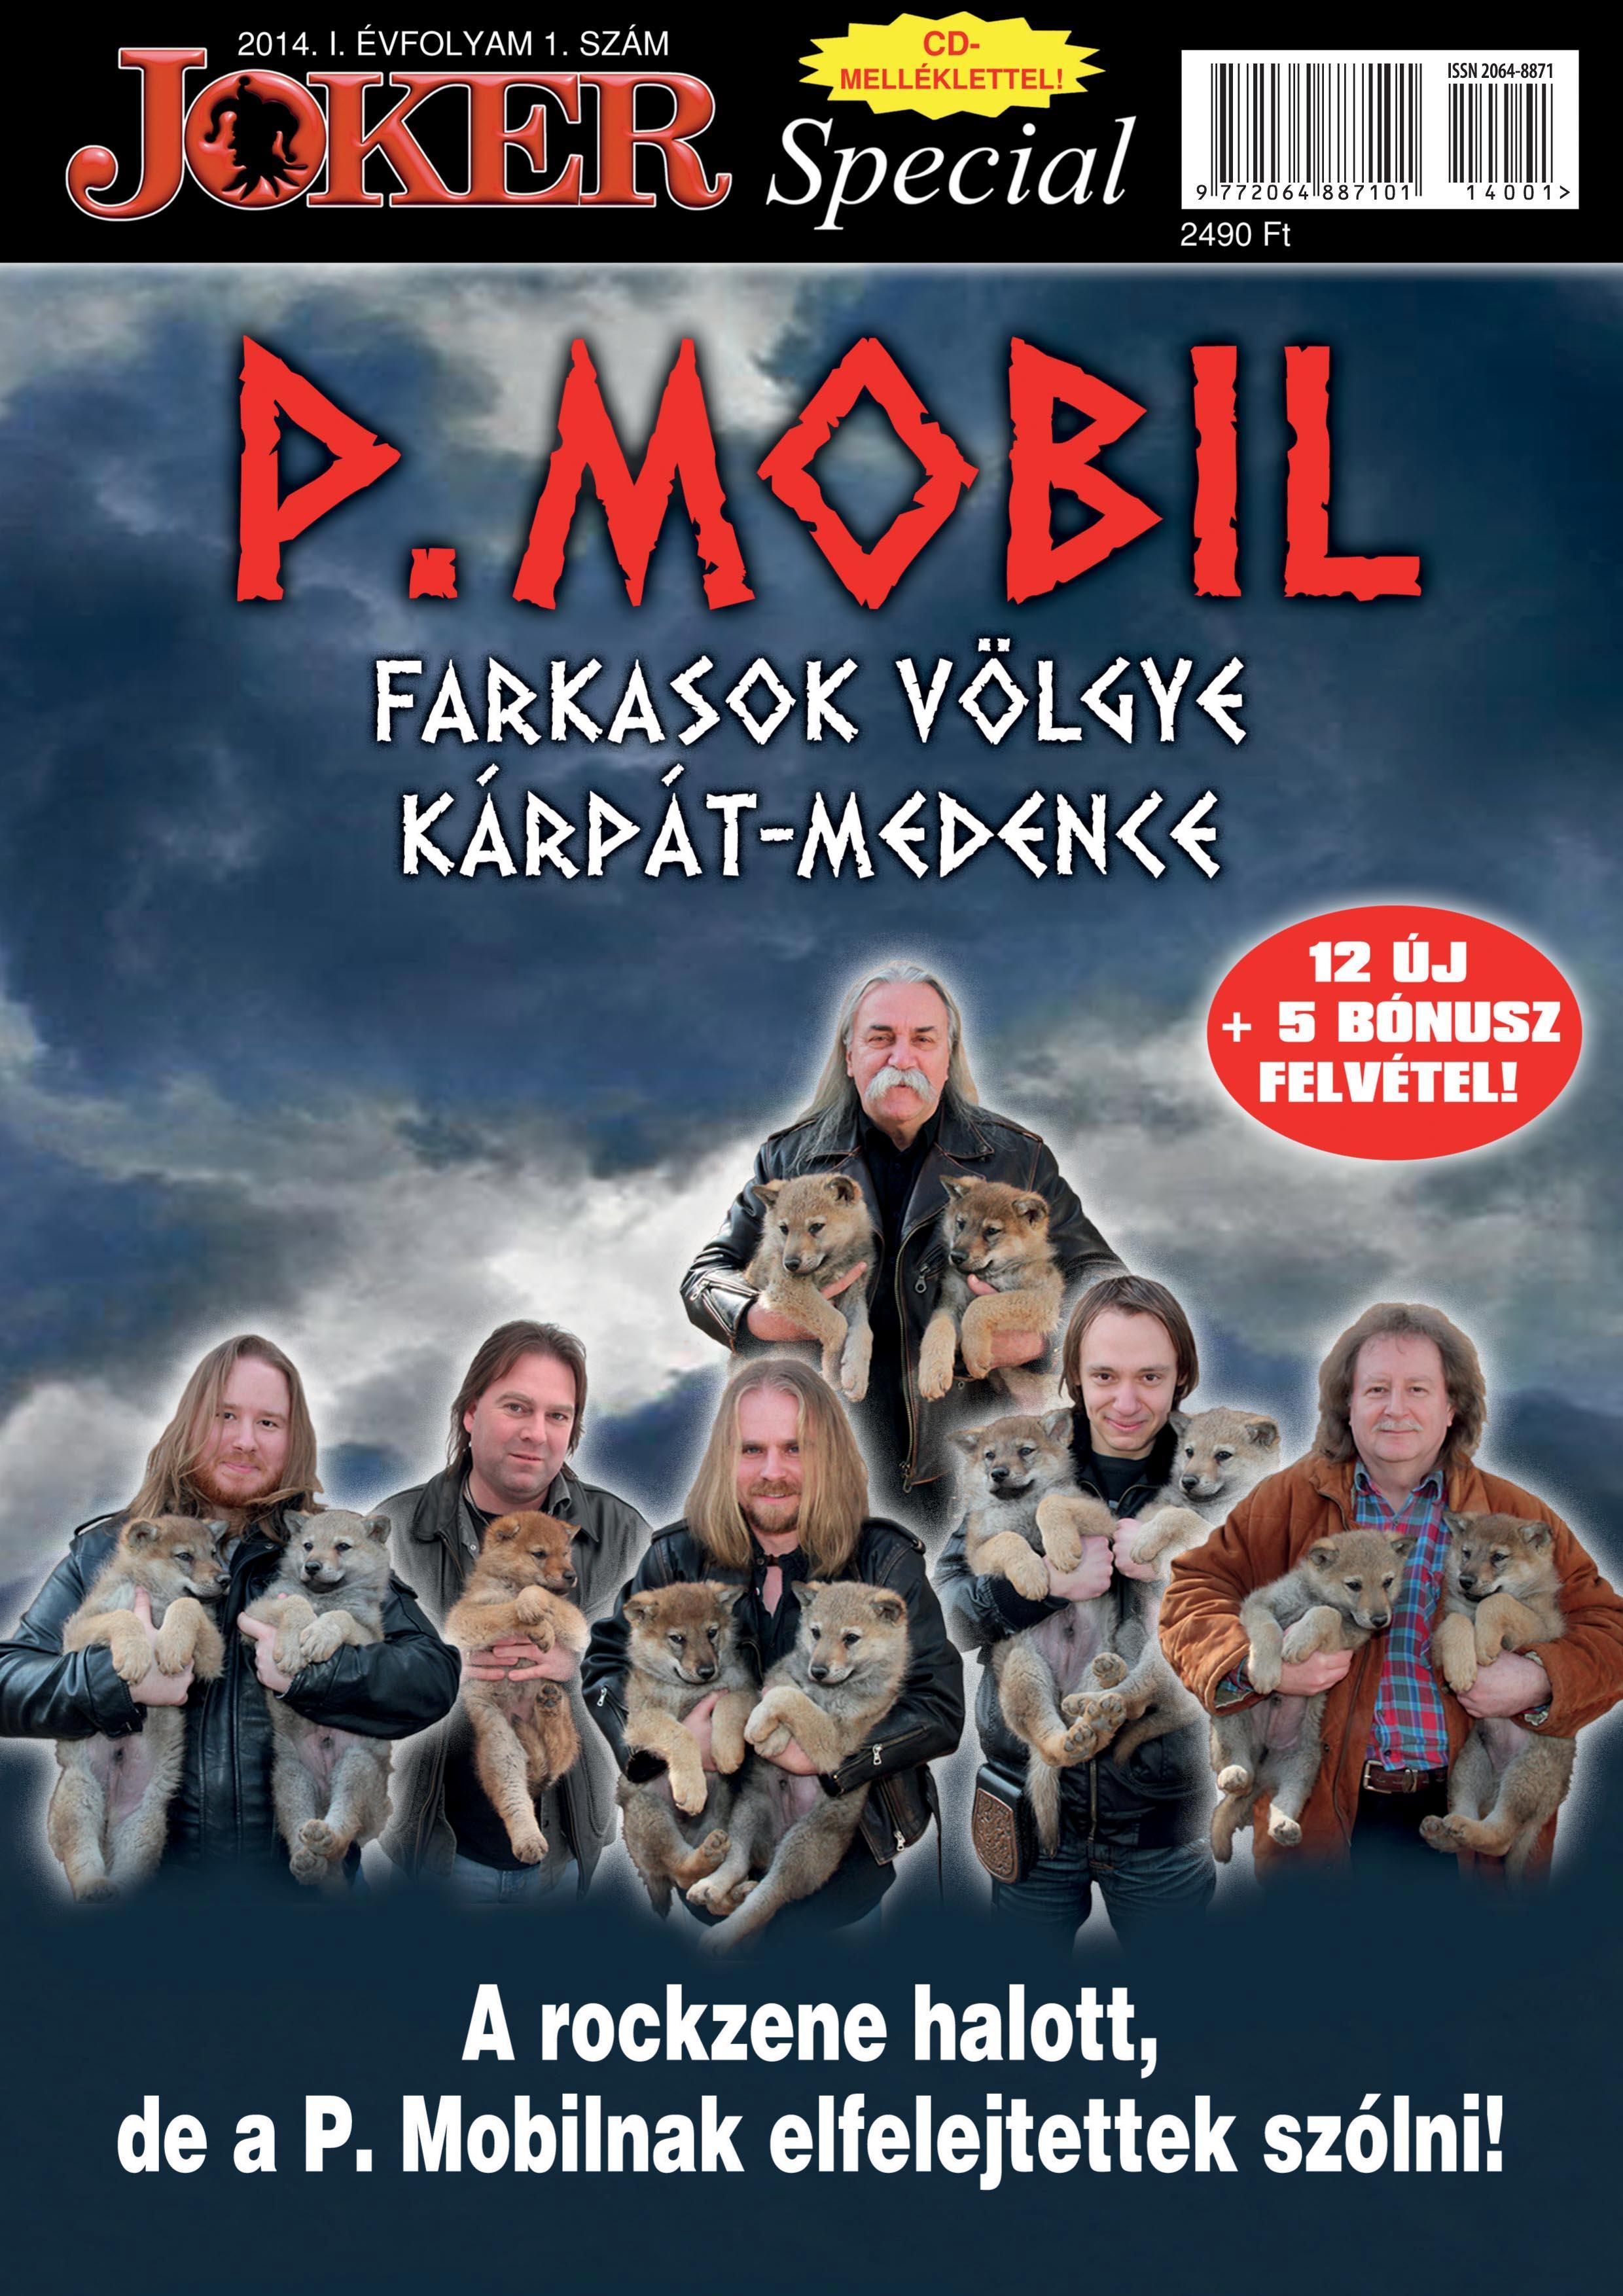 ROZSONITS TAMÁS, HEGEDŰS ISTVÁN - P.MOBIL - FARKASOK VÖLGYE - JOKER MAGAZIN + CD!!